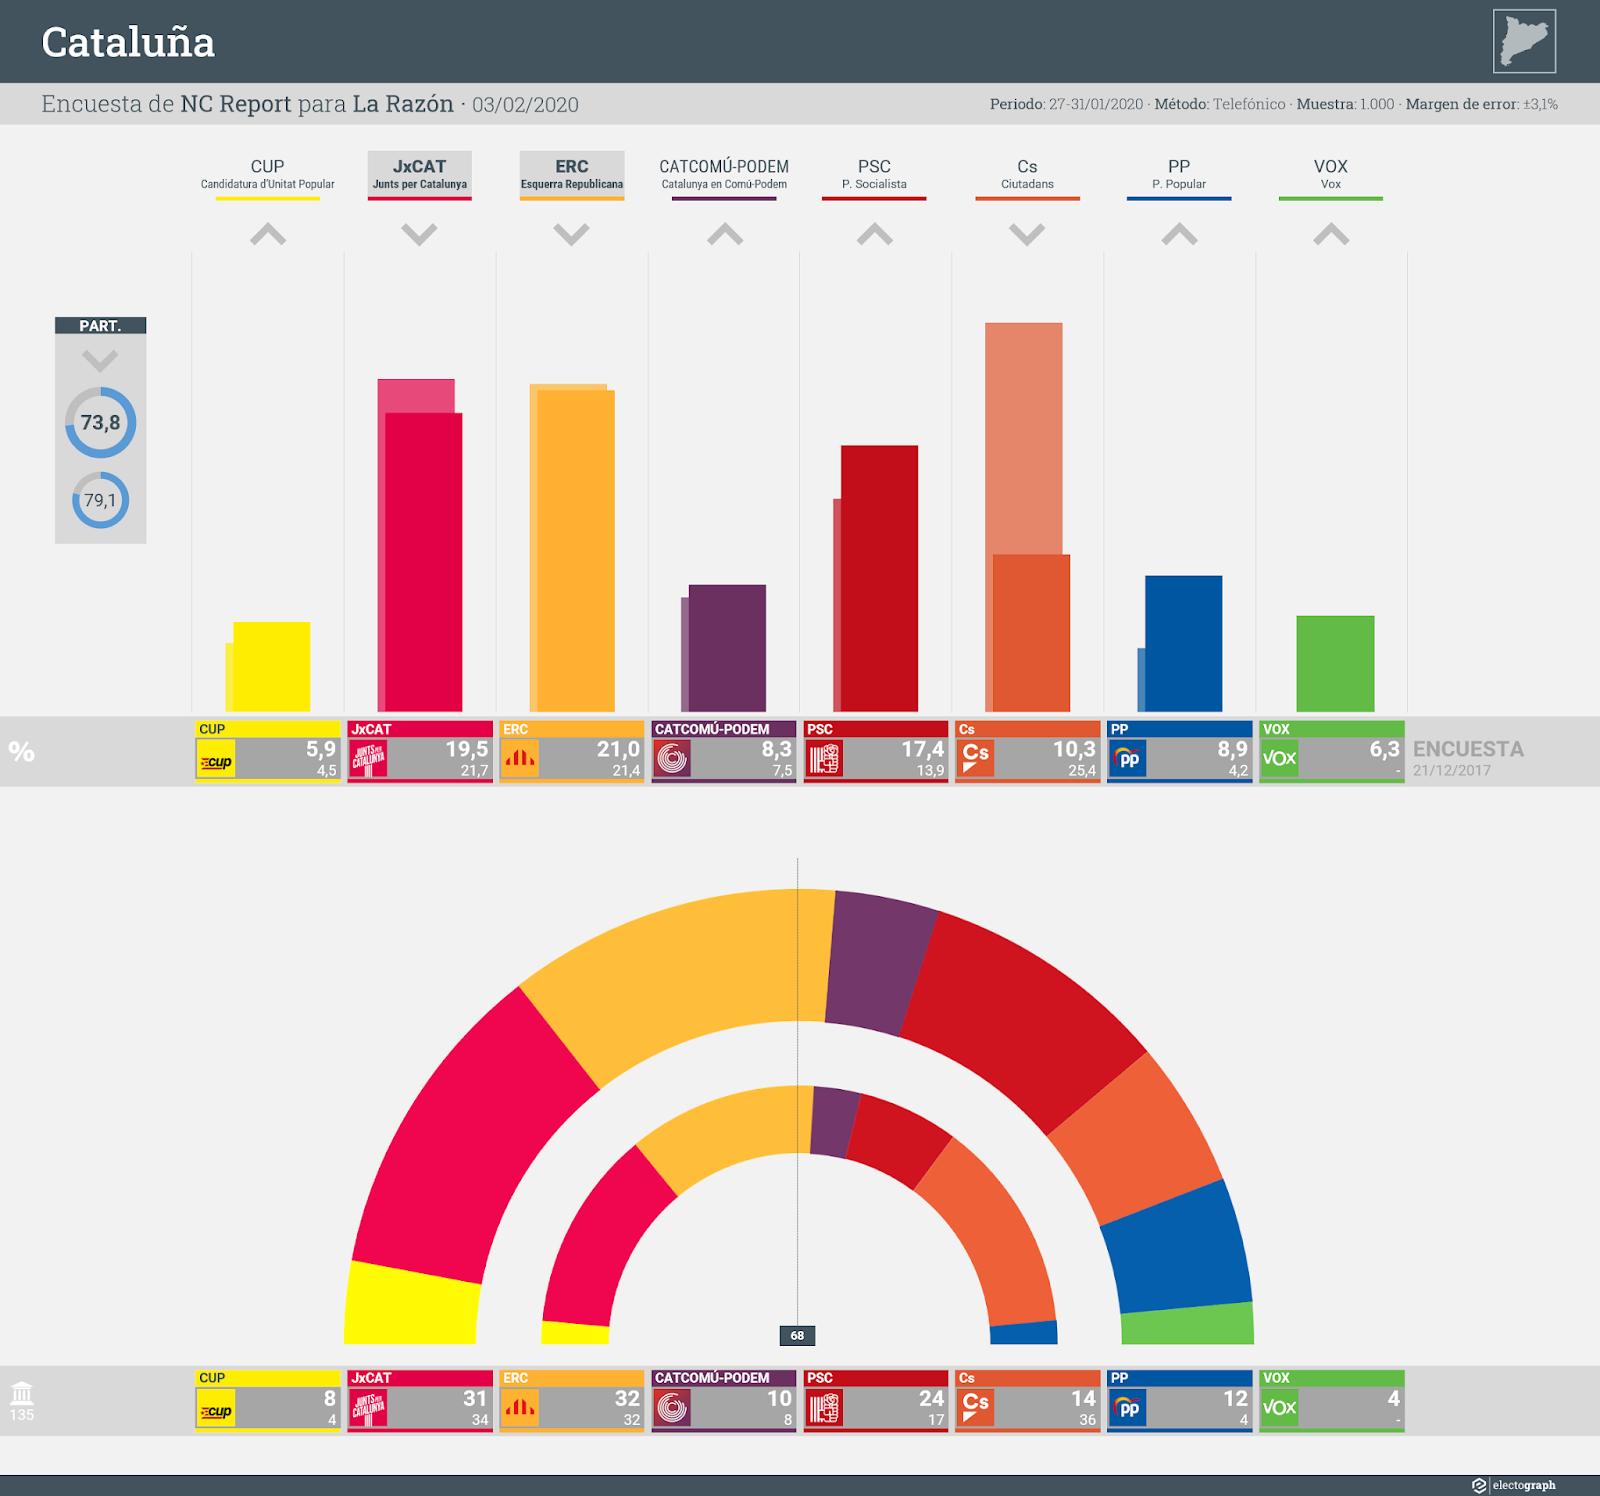 Gráfico de la encuesta para elecciones generales en Cataluña realizada por NC Report para La Razón, 3 febrero 2020